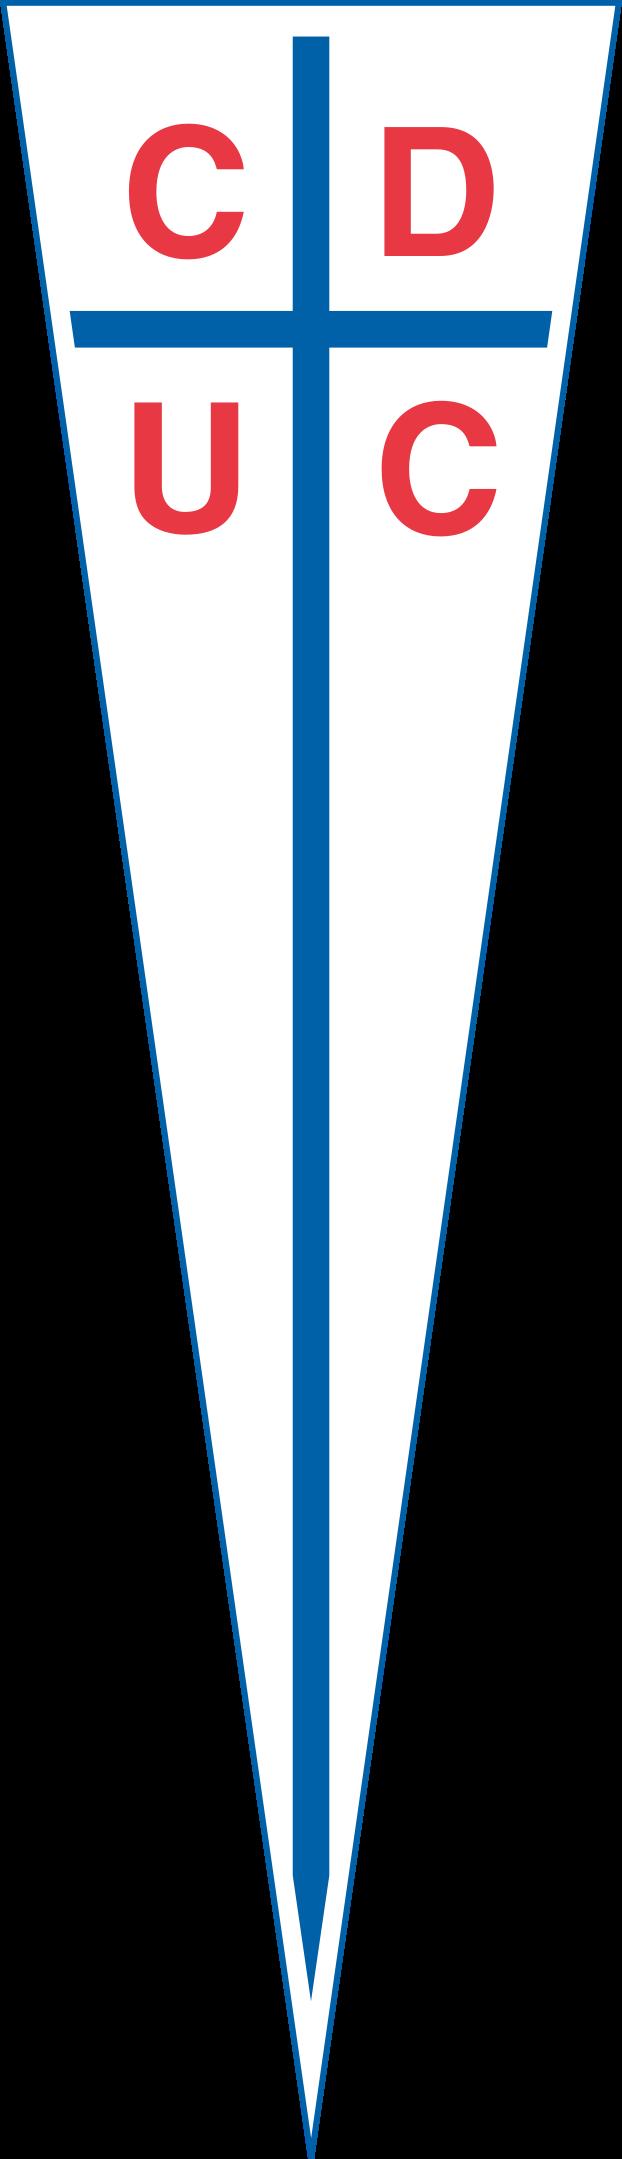 universidad catolica logo 1 - Universidad Católica Logo – Escudo